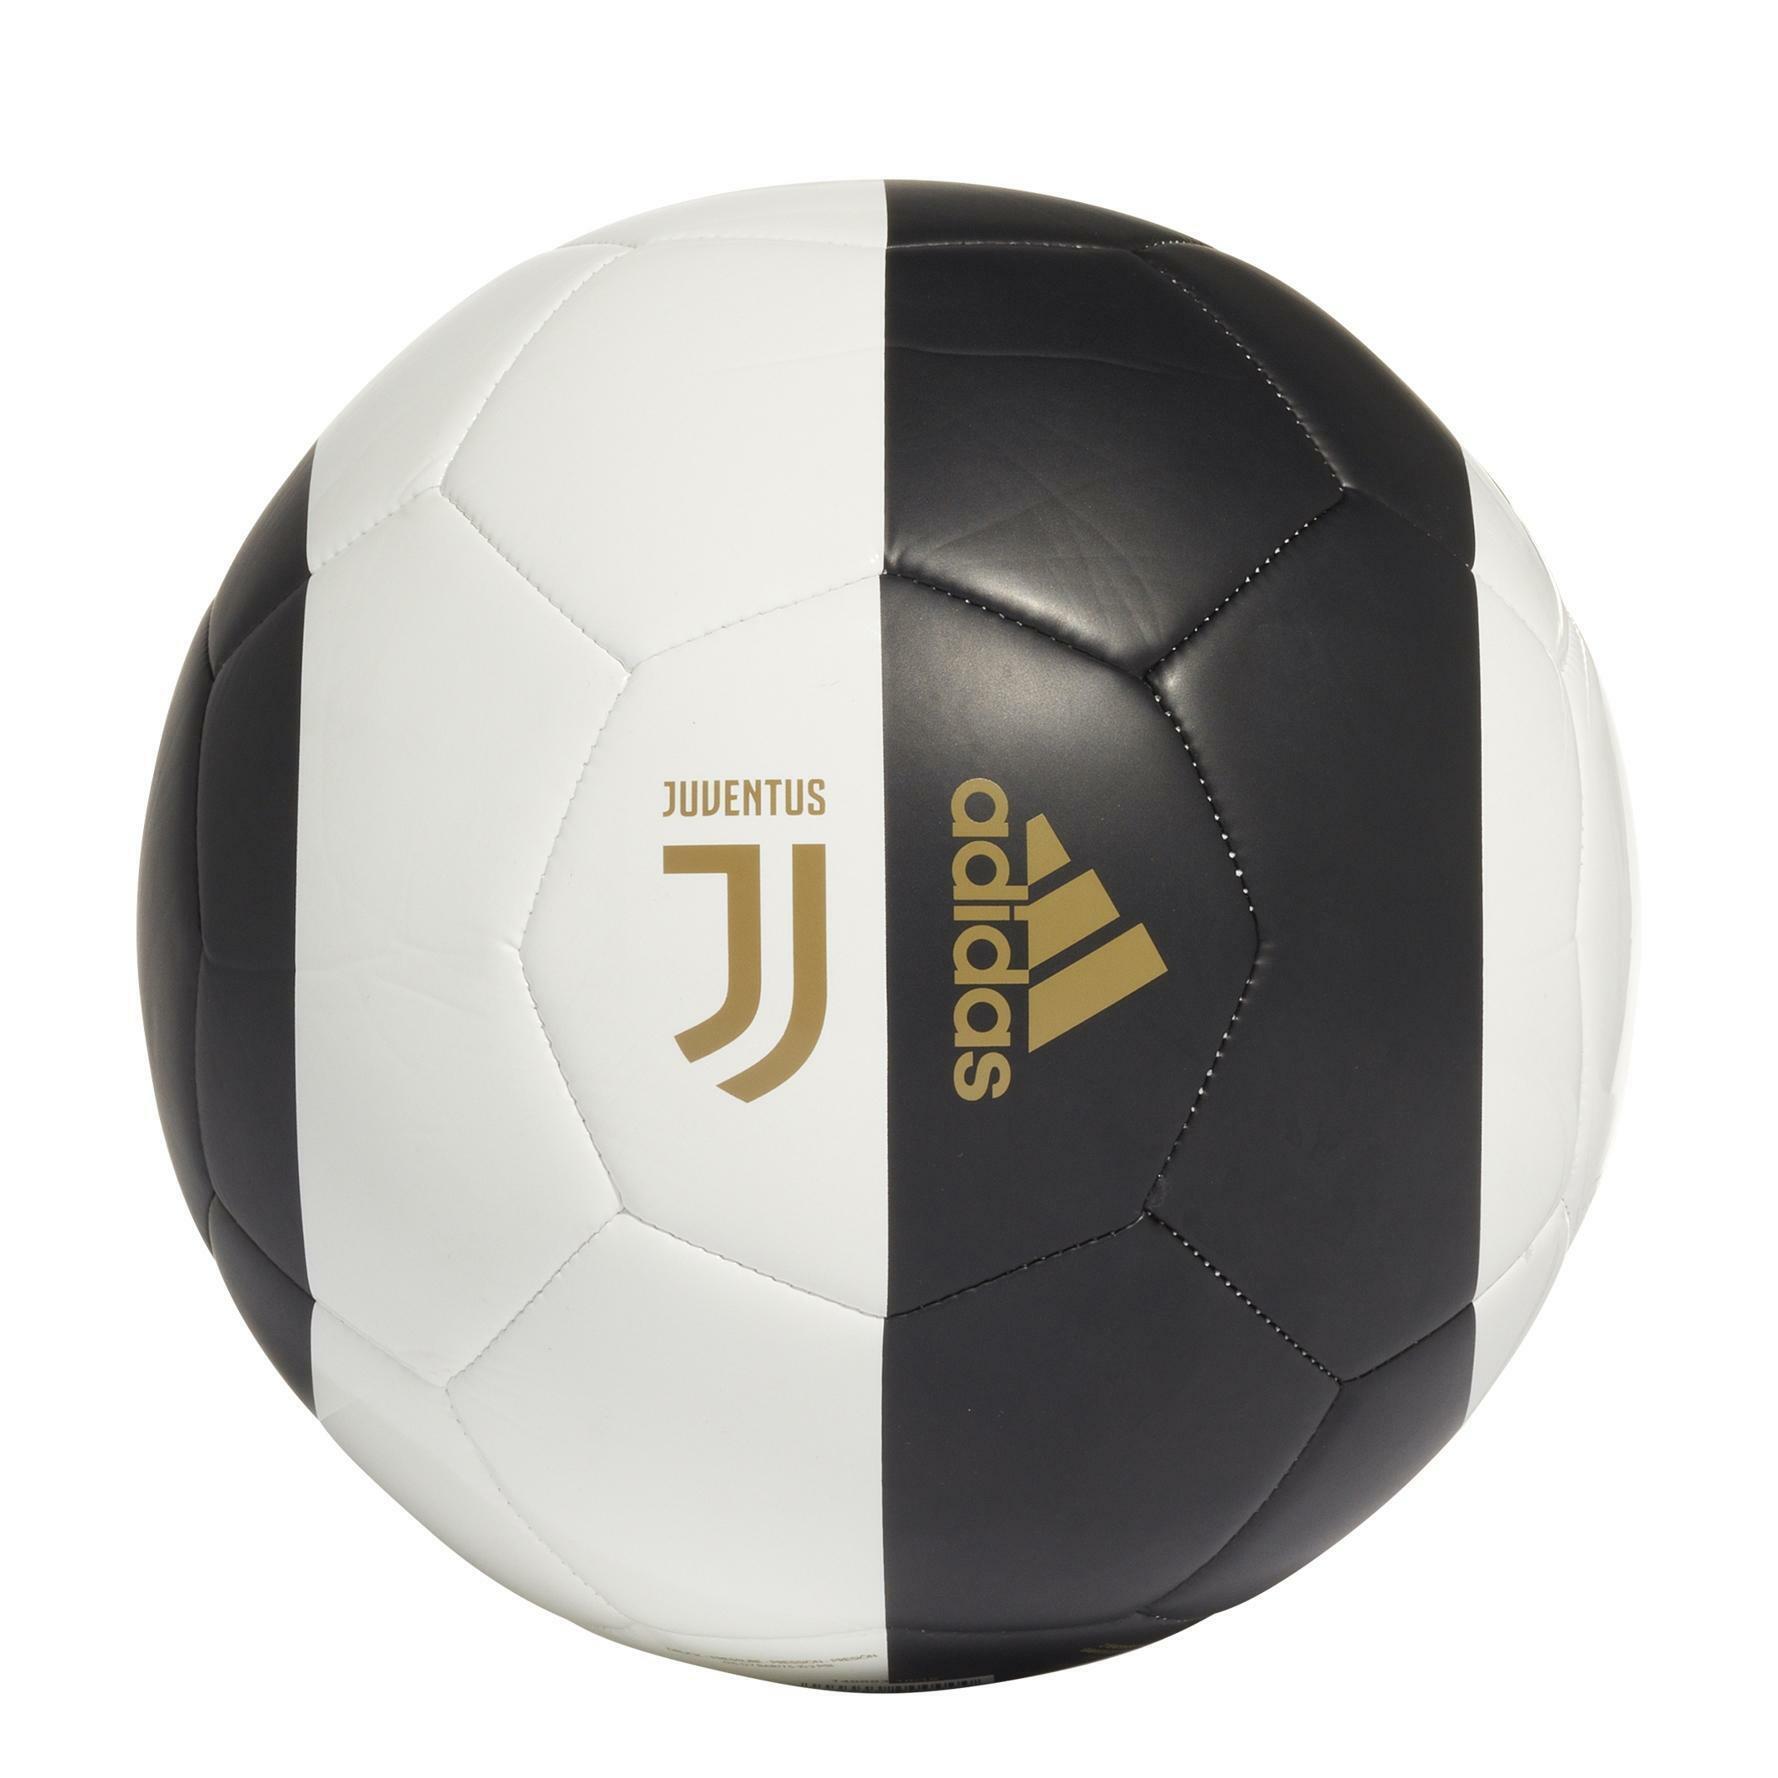 adidas adidas pallone calcio juventus capitano 5 19/20